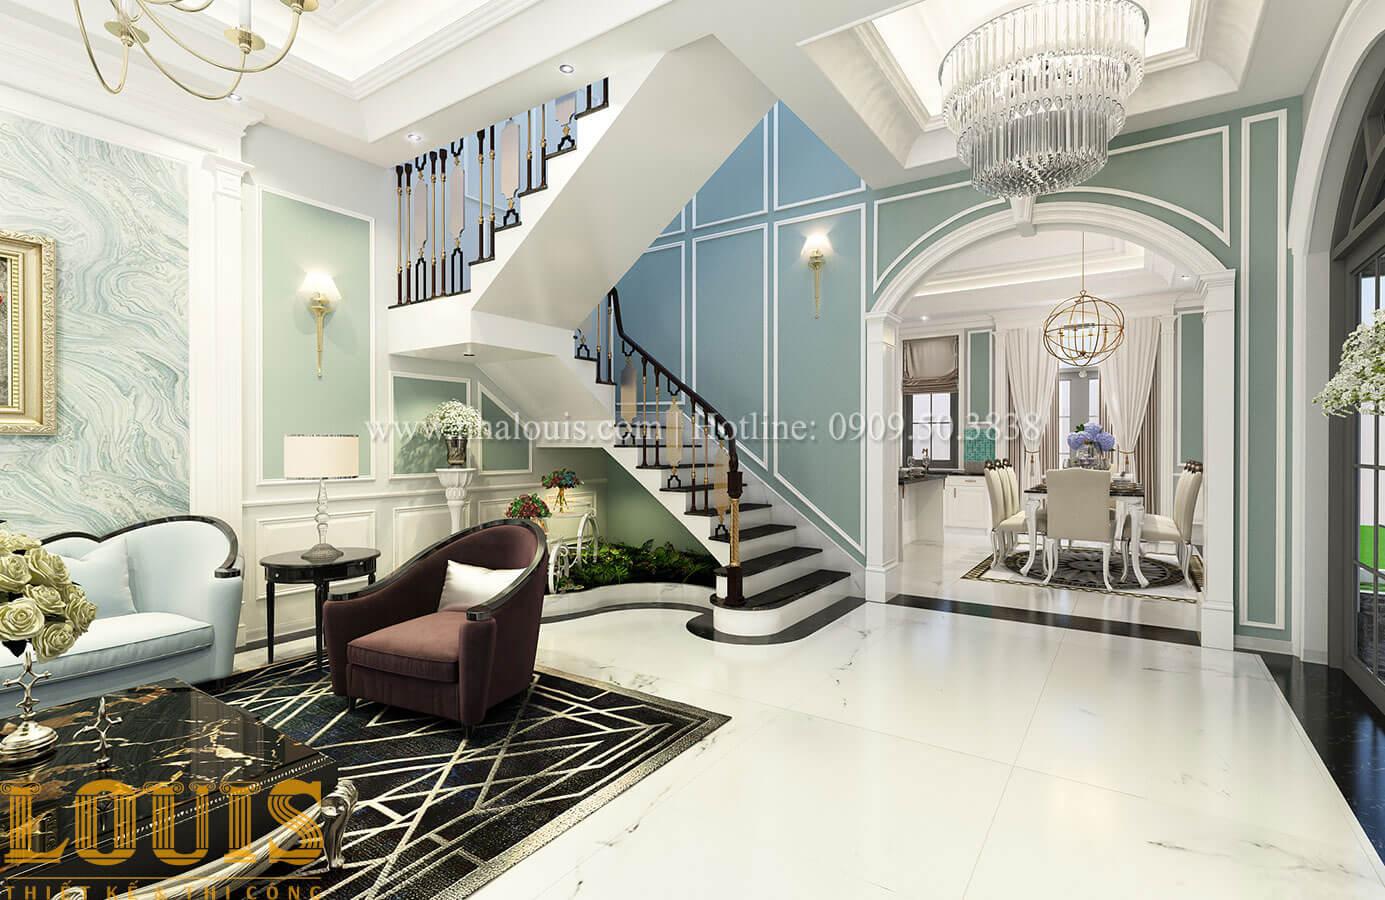 Tiểu cảnh cầu thang Thiết kế biệt thự 3 tầng đẹp có sân vườn ở miền quê Đồng Nai - 15